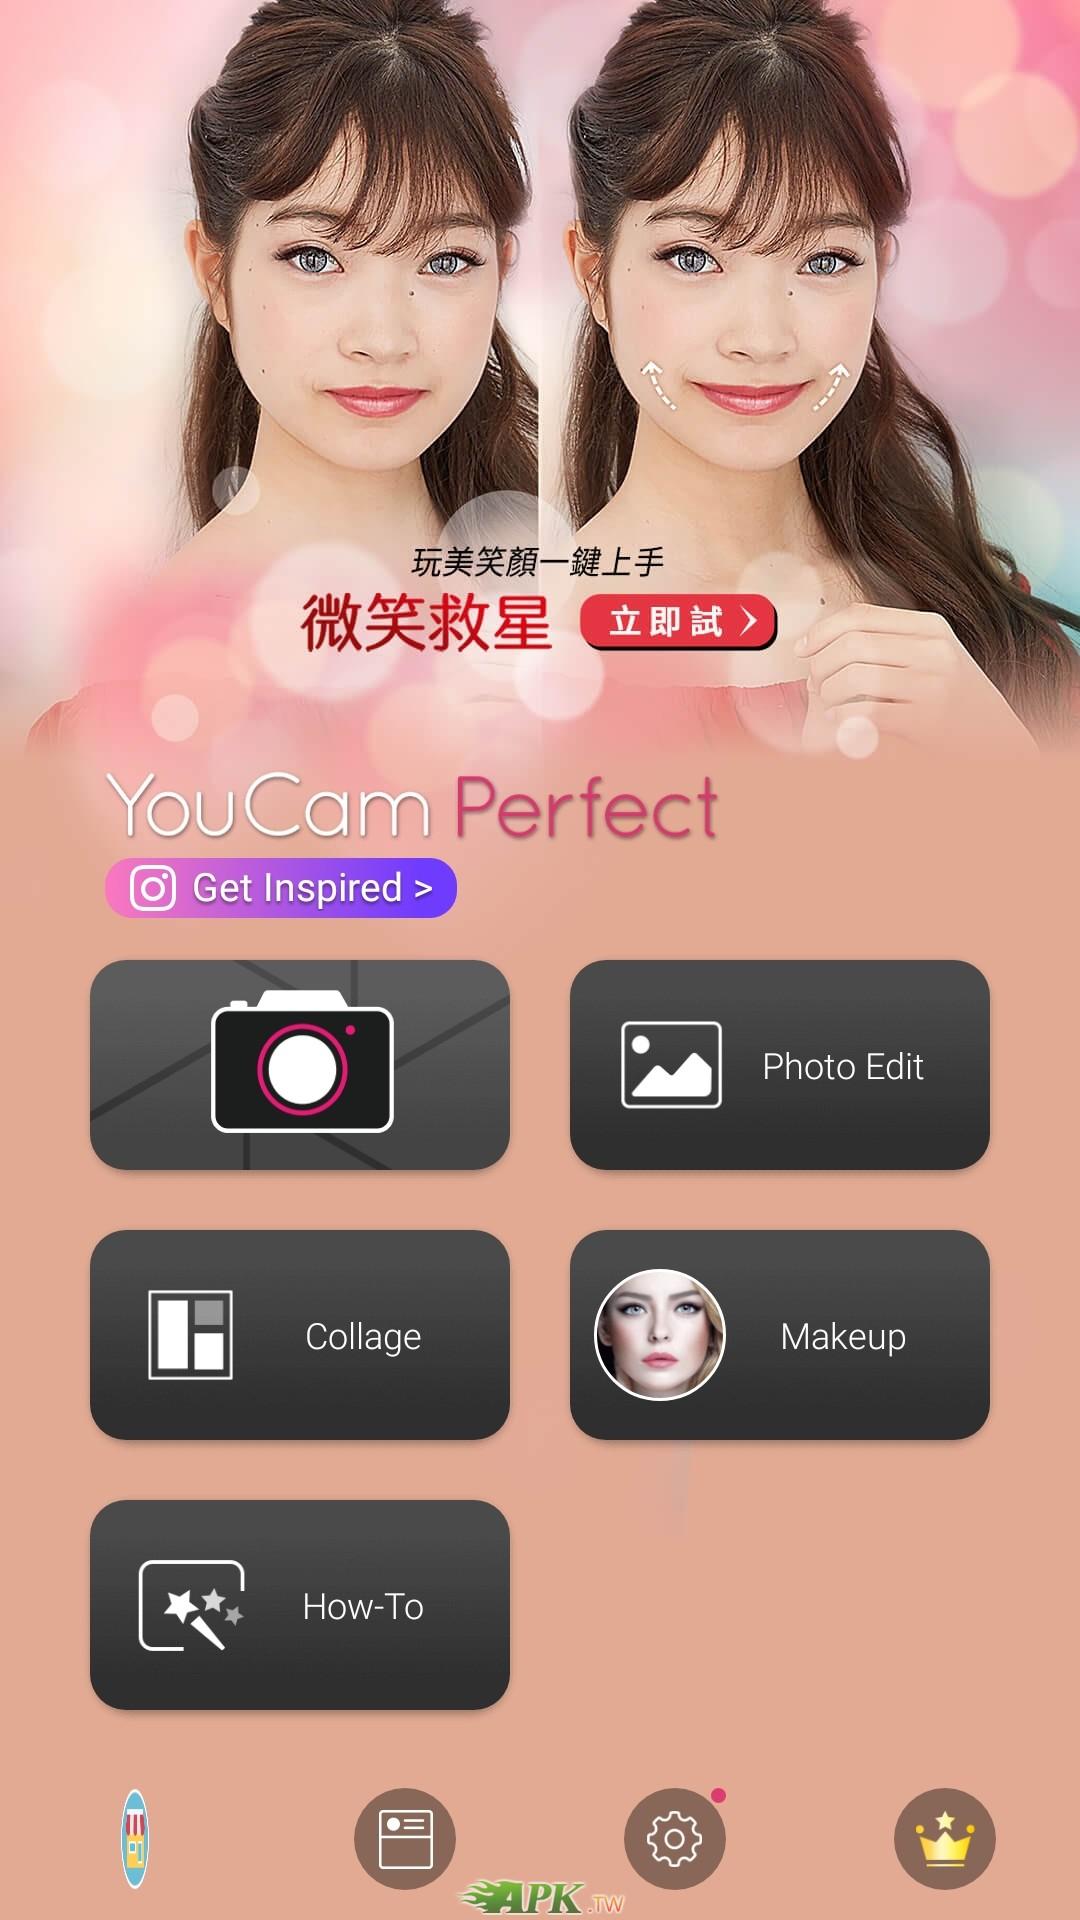 YouCam__1.jpg